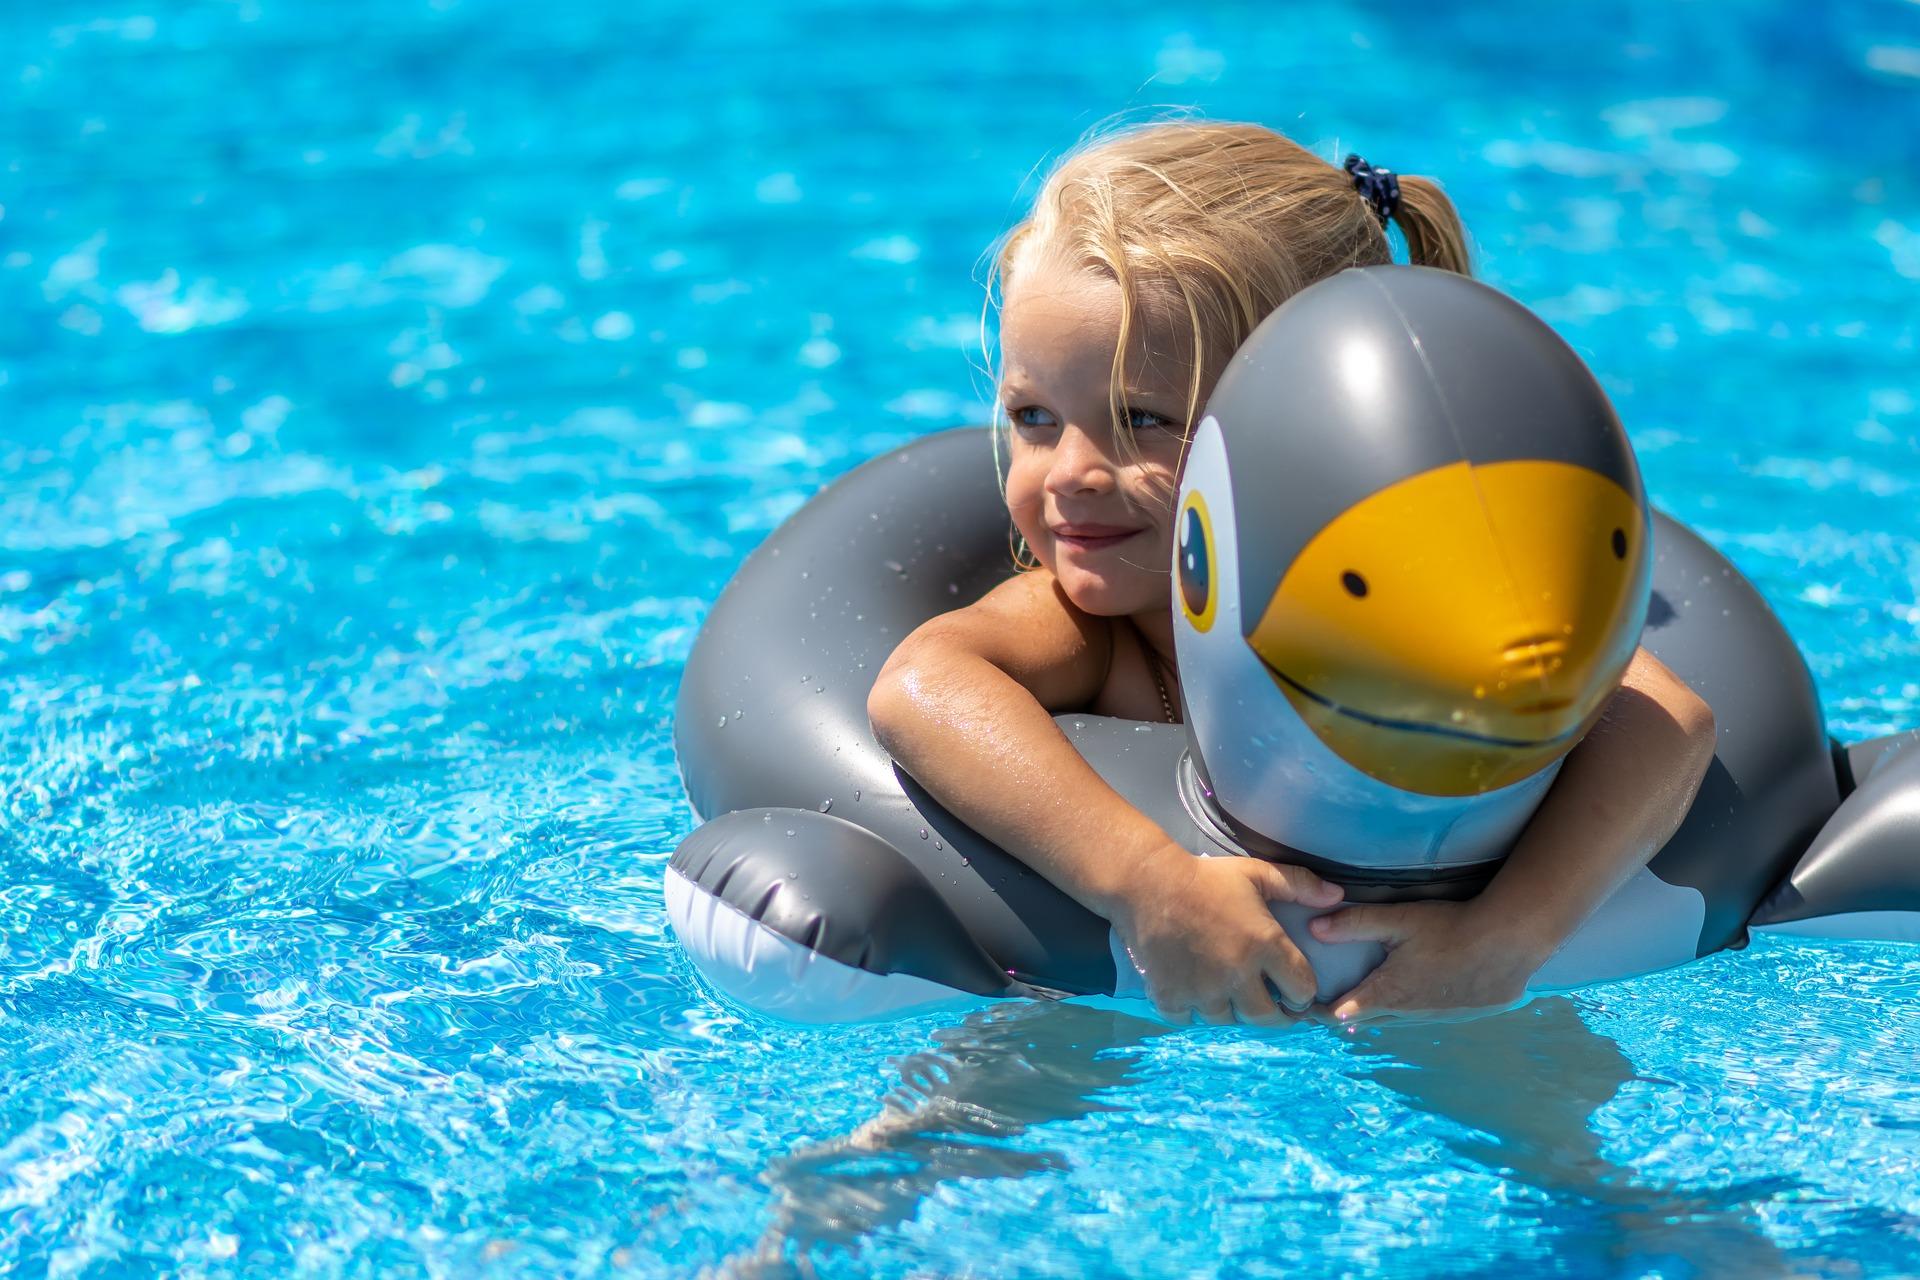 swimming-pool-3567607_1920.jpg